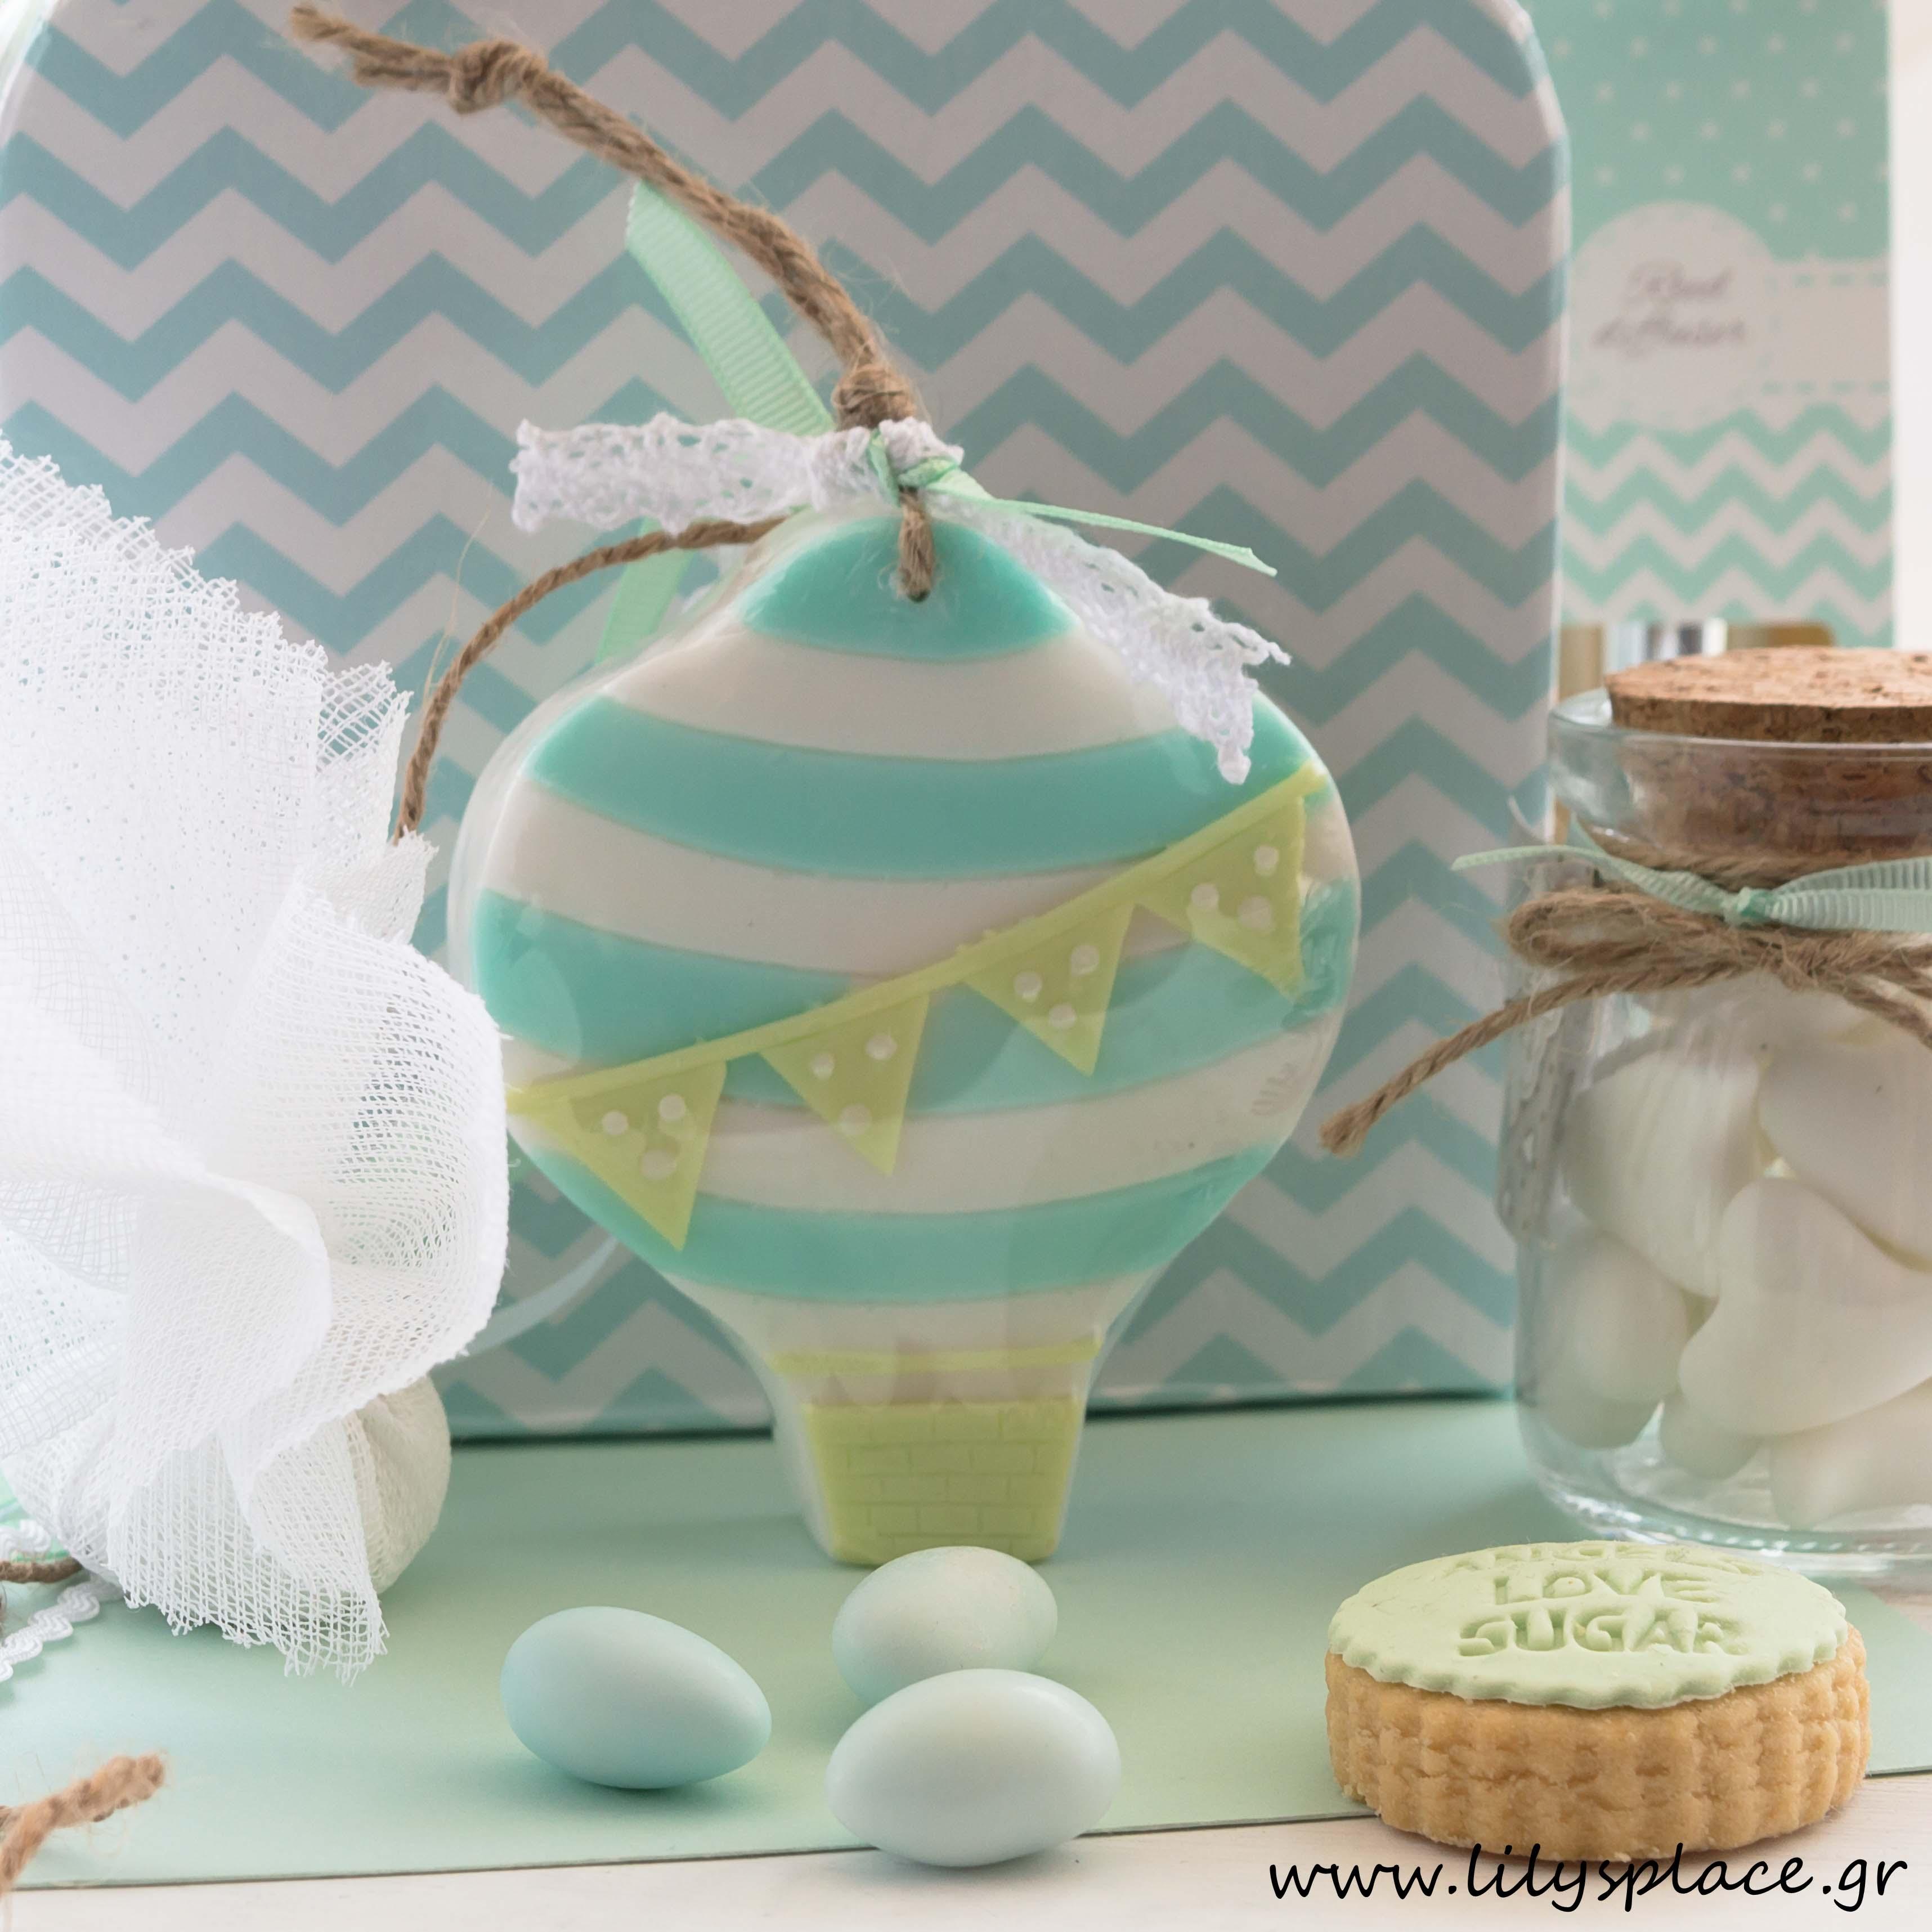 Μπομπονιέρα βάπτισης σαπουνάκι αερόστατο βεραμάν